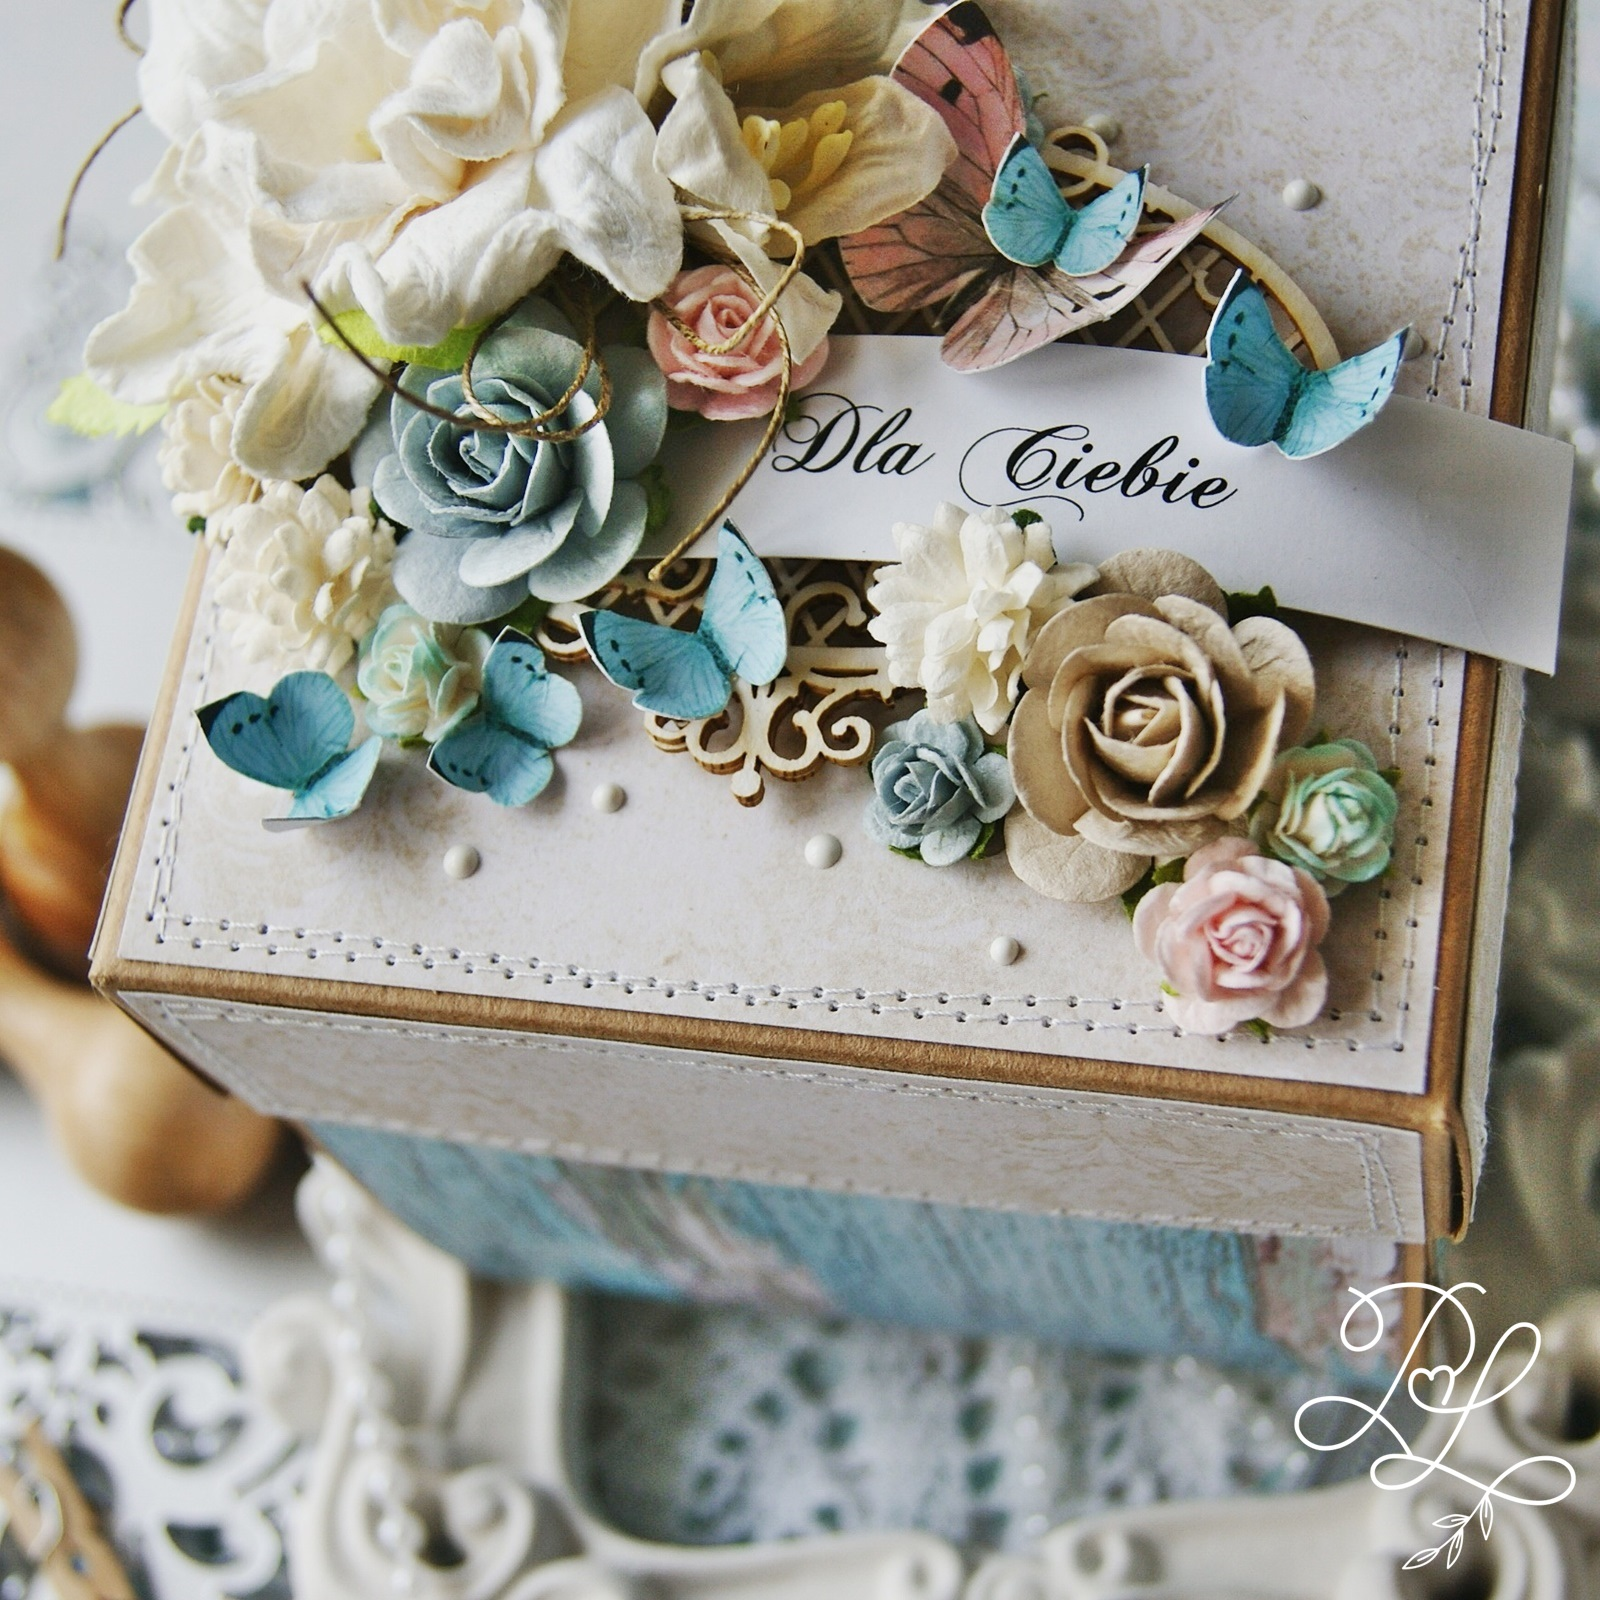 Scrap Papierowe Love - sklep papierniczy i pracownia rękodzieła Katarzyna Rajczakowska